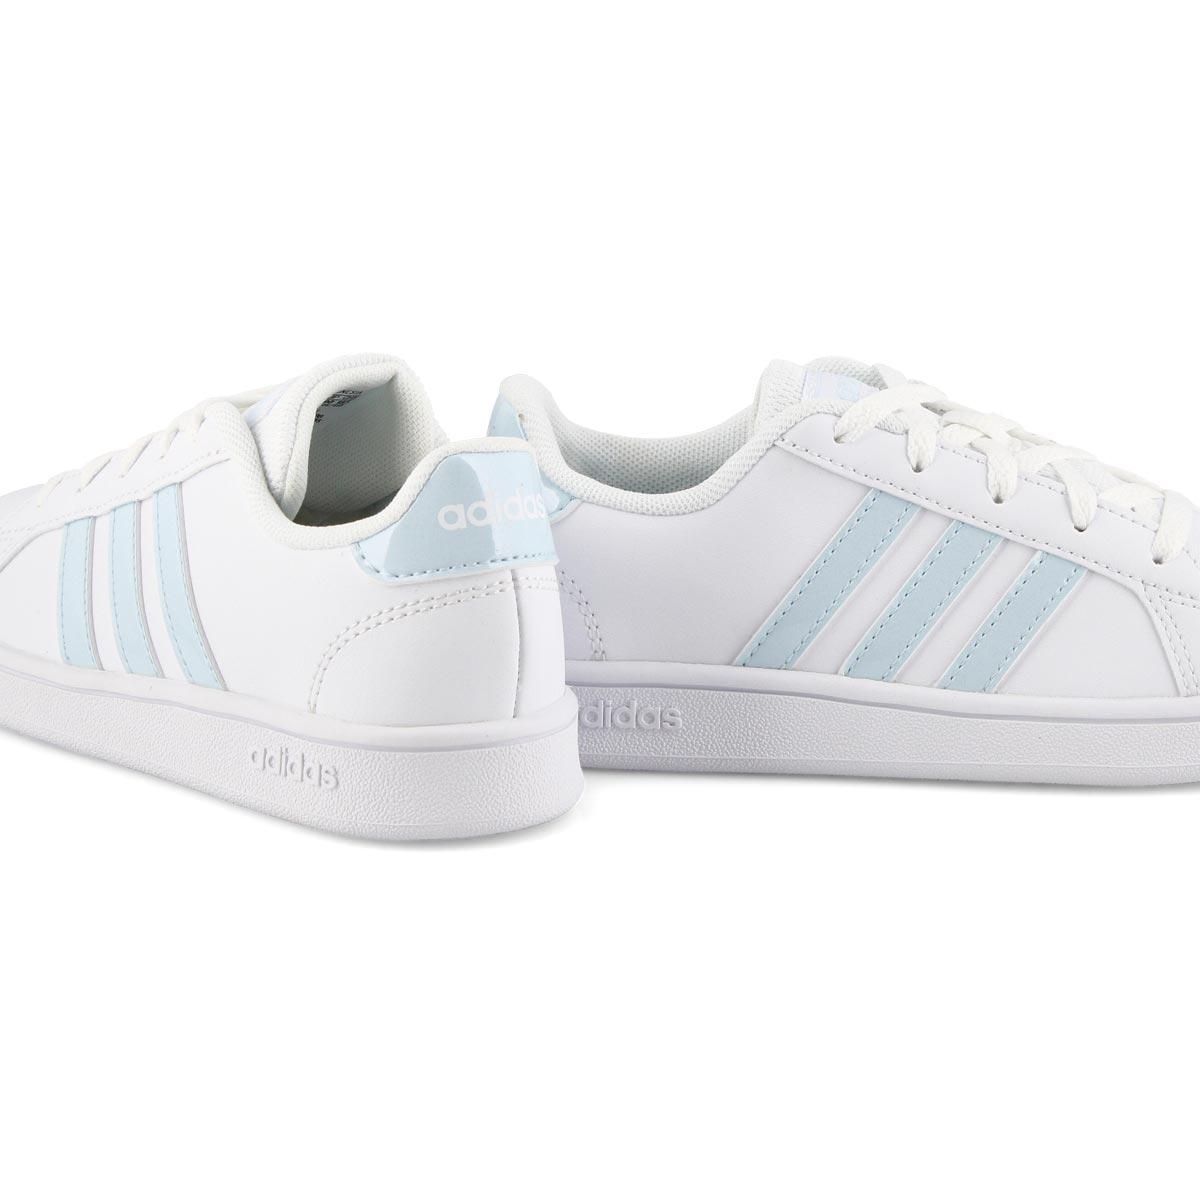 Girls' Grand Court K Sneaker - White/Sky